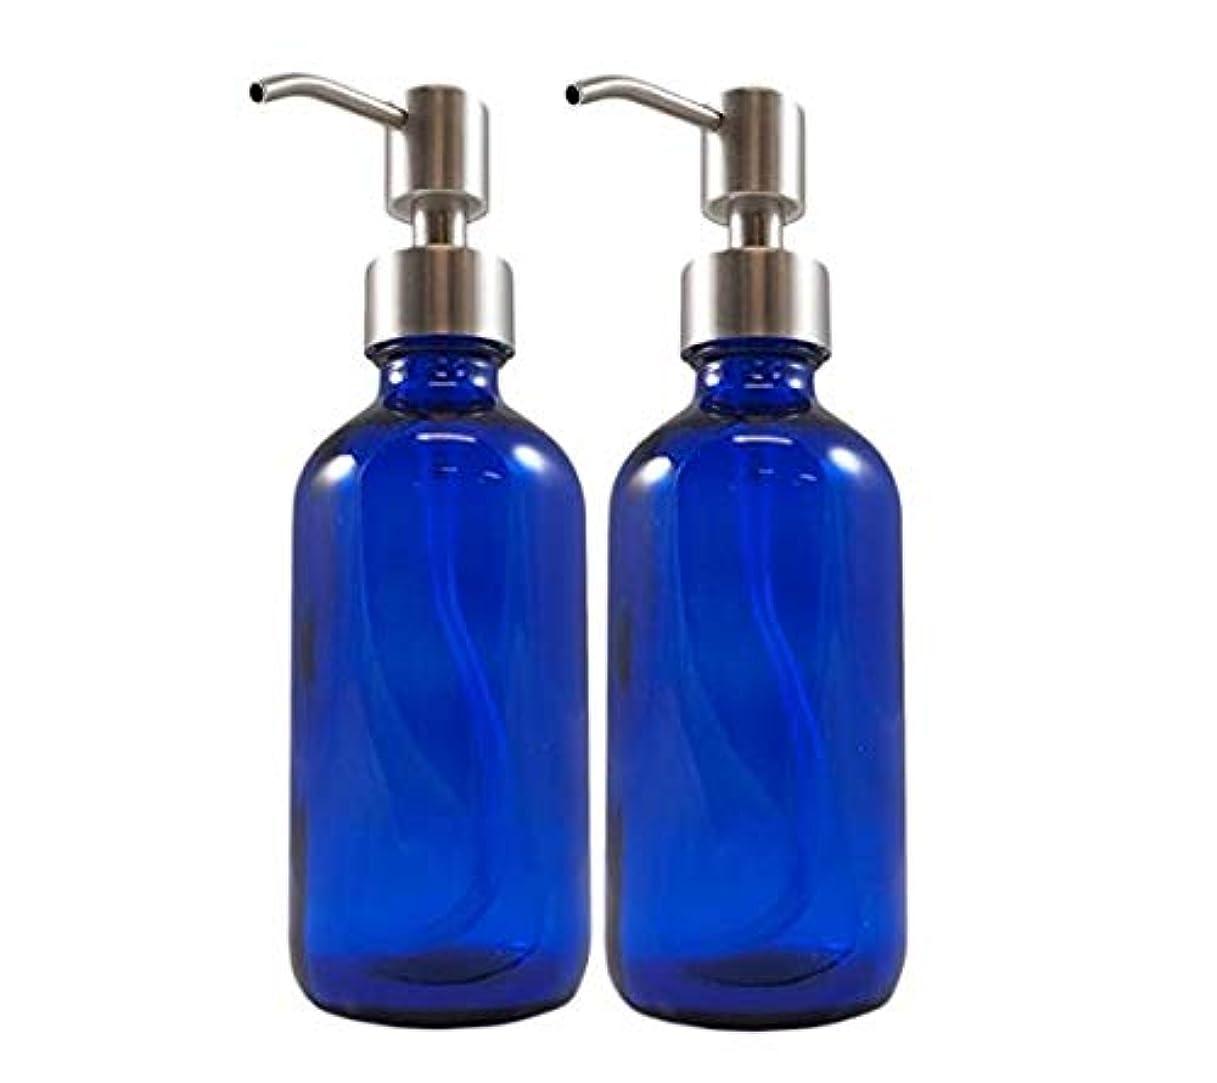 複合ぼかしアナニバー2本セット 遮光瓶 コバルトブルー ガラス ポンプ ボトル 235ml ミニじょうご付き 青ボトル [並行輸入品]